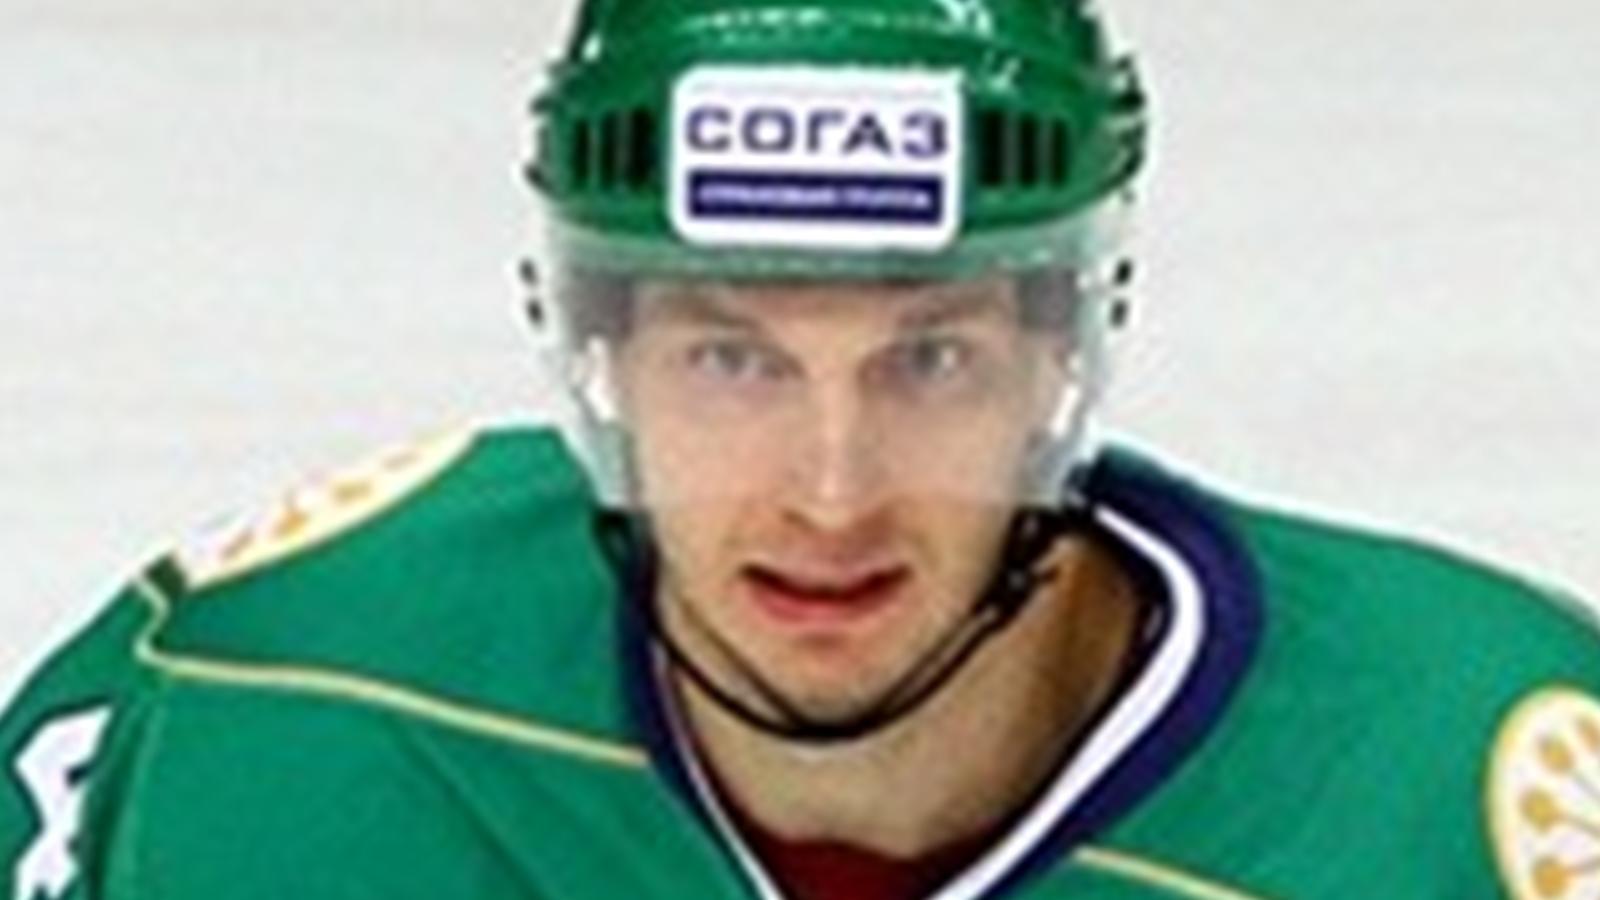 виталий прошкин хоккеист фото хочу рассказать